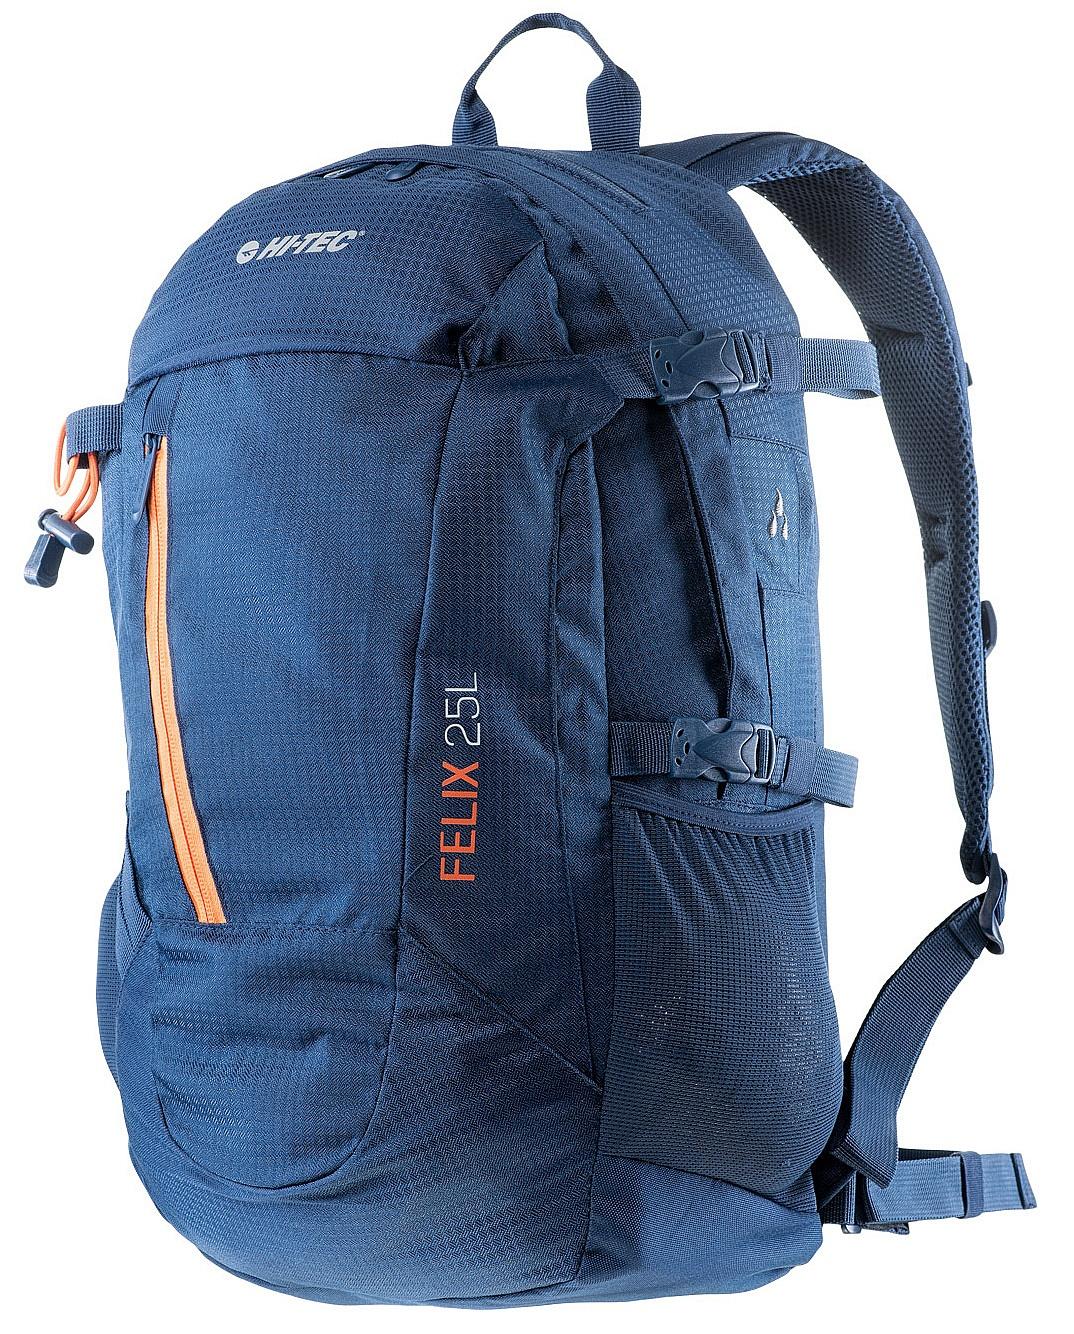 086ad595043a6 batoh Hi-Tec Felix 25 - Insignia Blue/Orange Peel 25 L